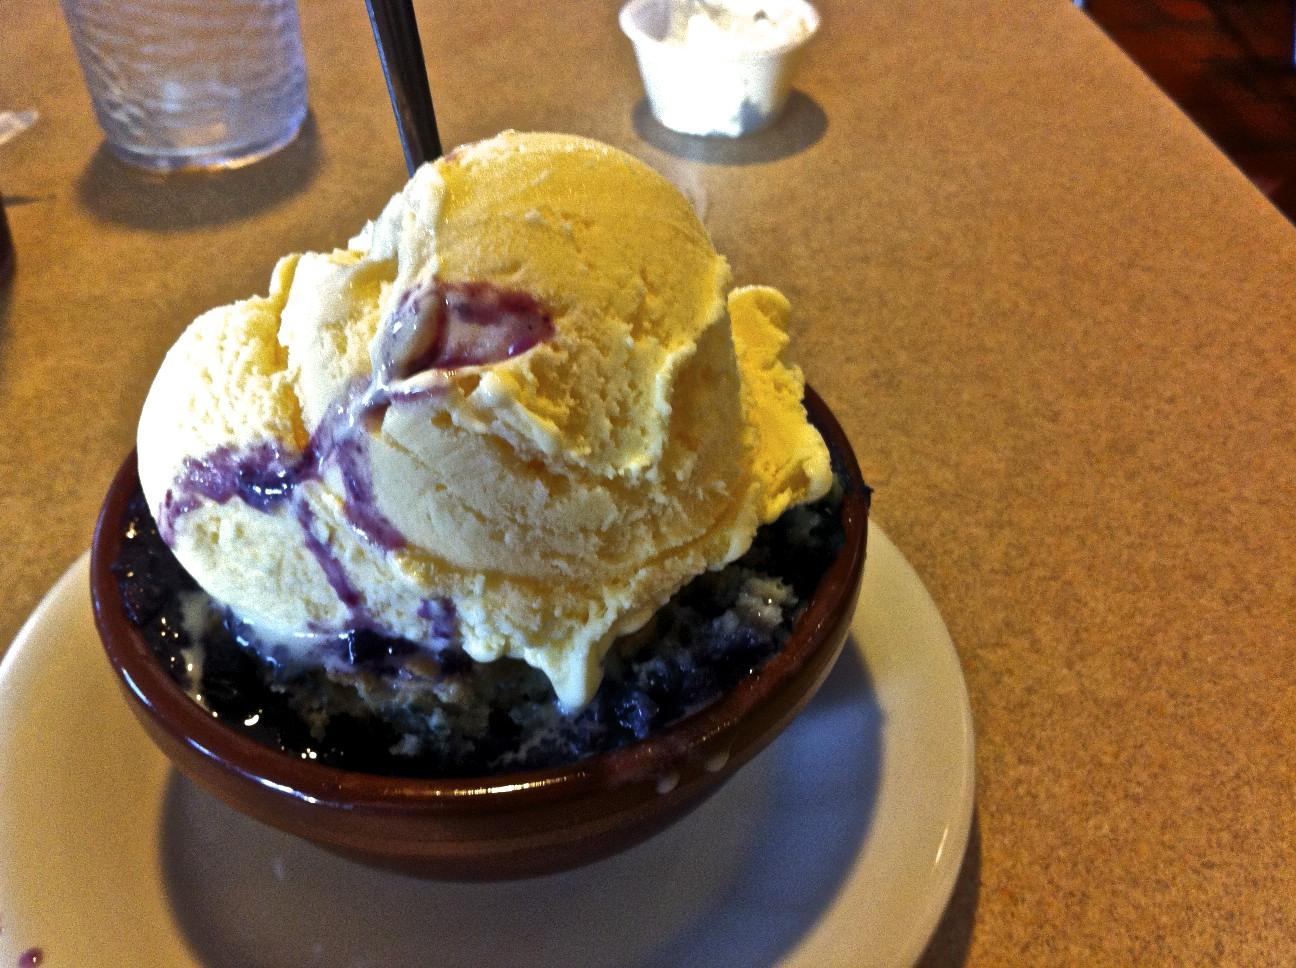 However, I didn't skimp on dessert!